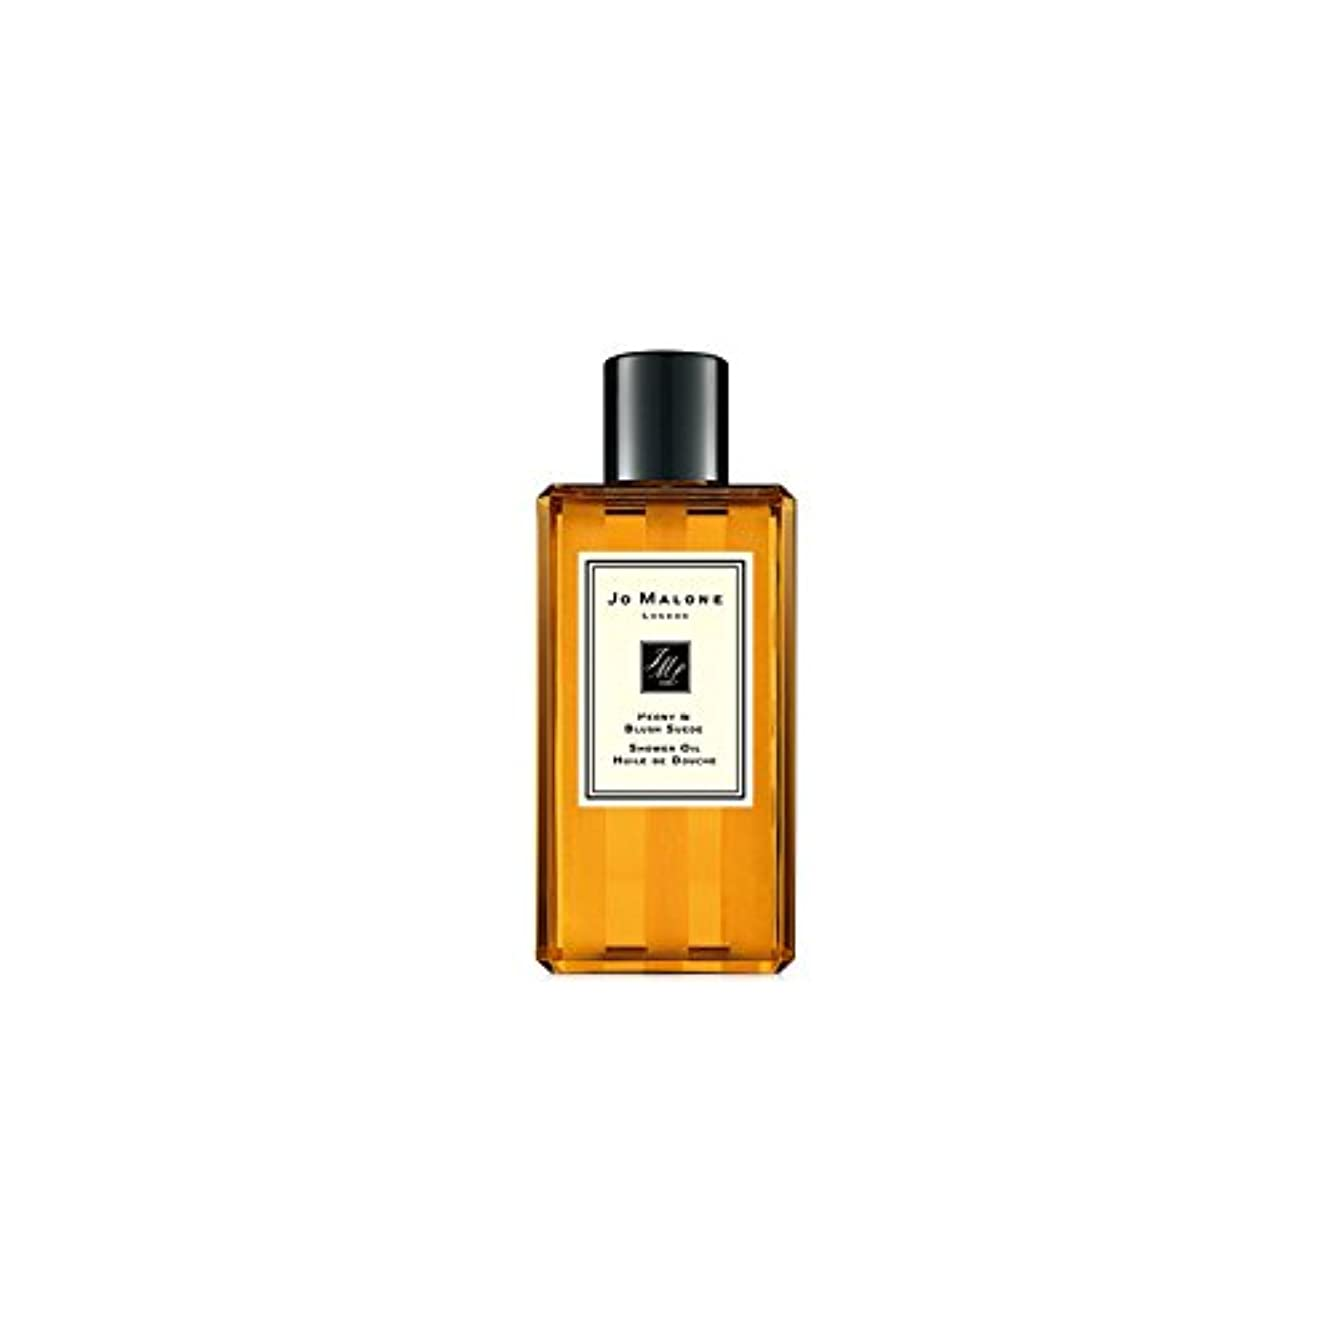 真剣に負担ドアJo Malone Peony & Blush Suede Shower Oil - 250ml (Pack of 6) - ジョーマローン牡丹&スエードシャワーオイル赤面 - 250ミリリットル (x6) [並行輸入品]